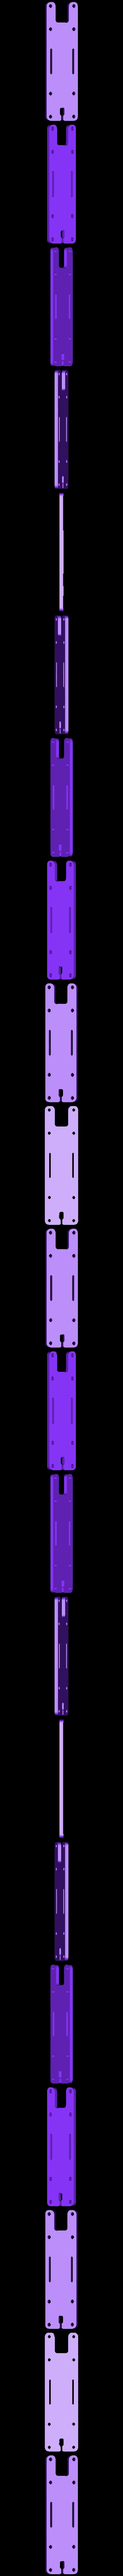 TOP_PLATE_2_EMAX_2345.stl Télécharger fichier STL gratuit QAV-M 110 Micro Quad FT Gremlin Frame • Objet pour impression 3D, bromego